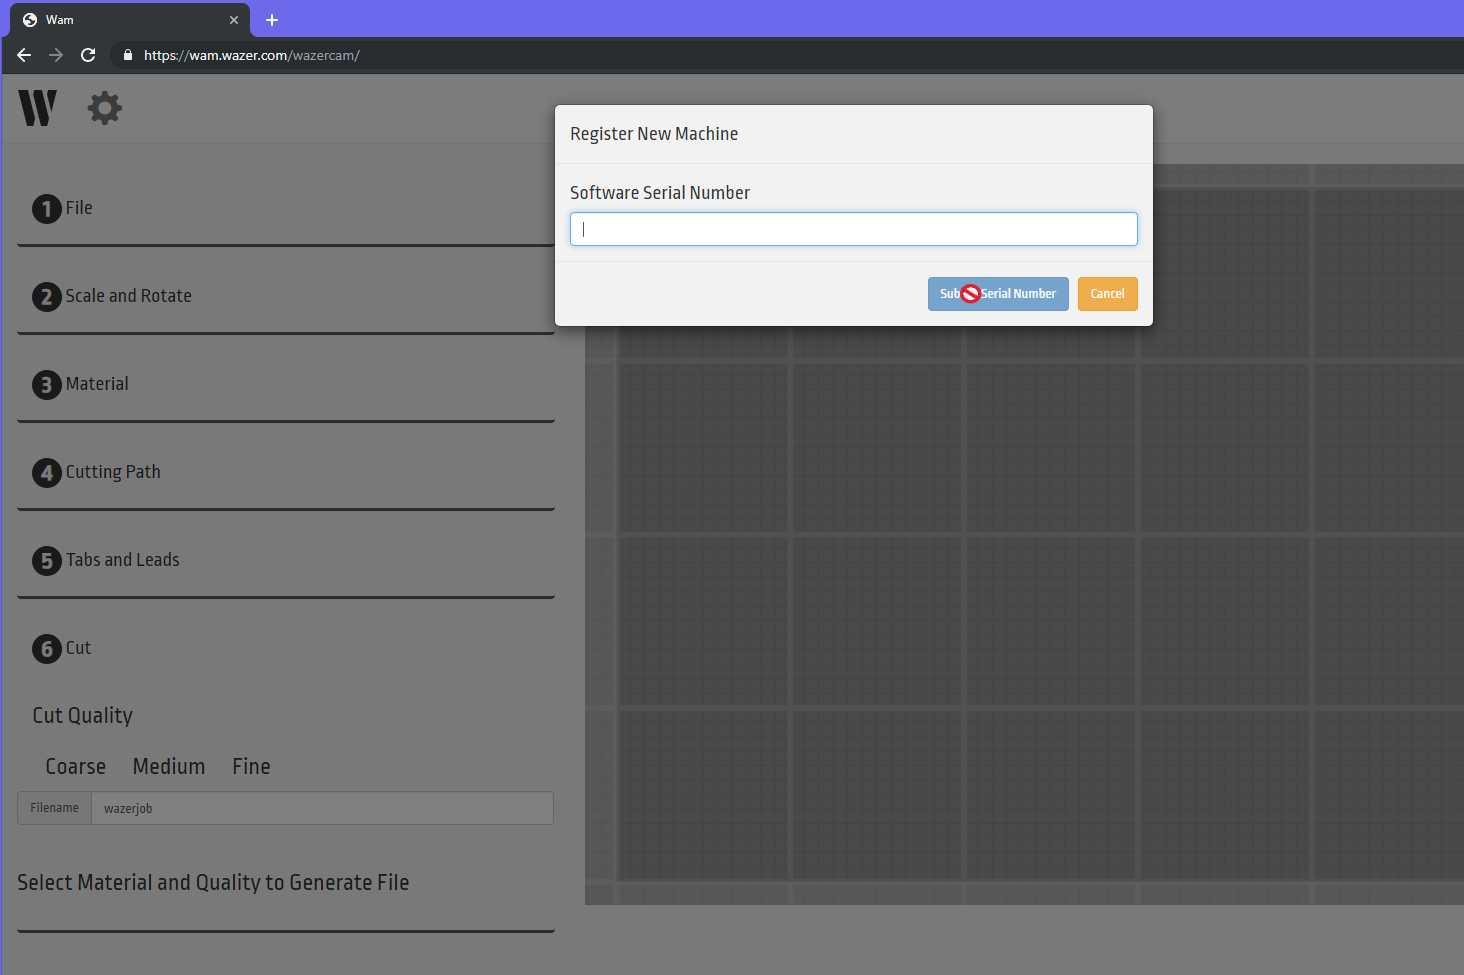 Wam_Software_Reg_Blockec.jpg